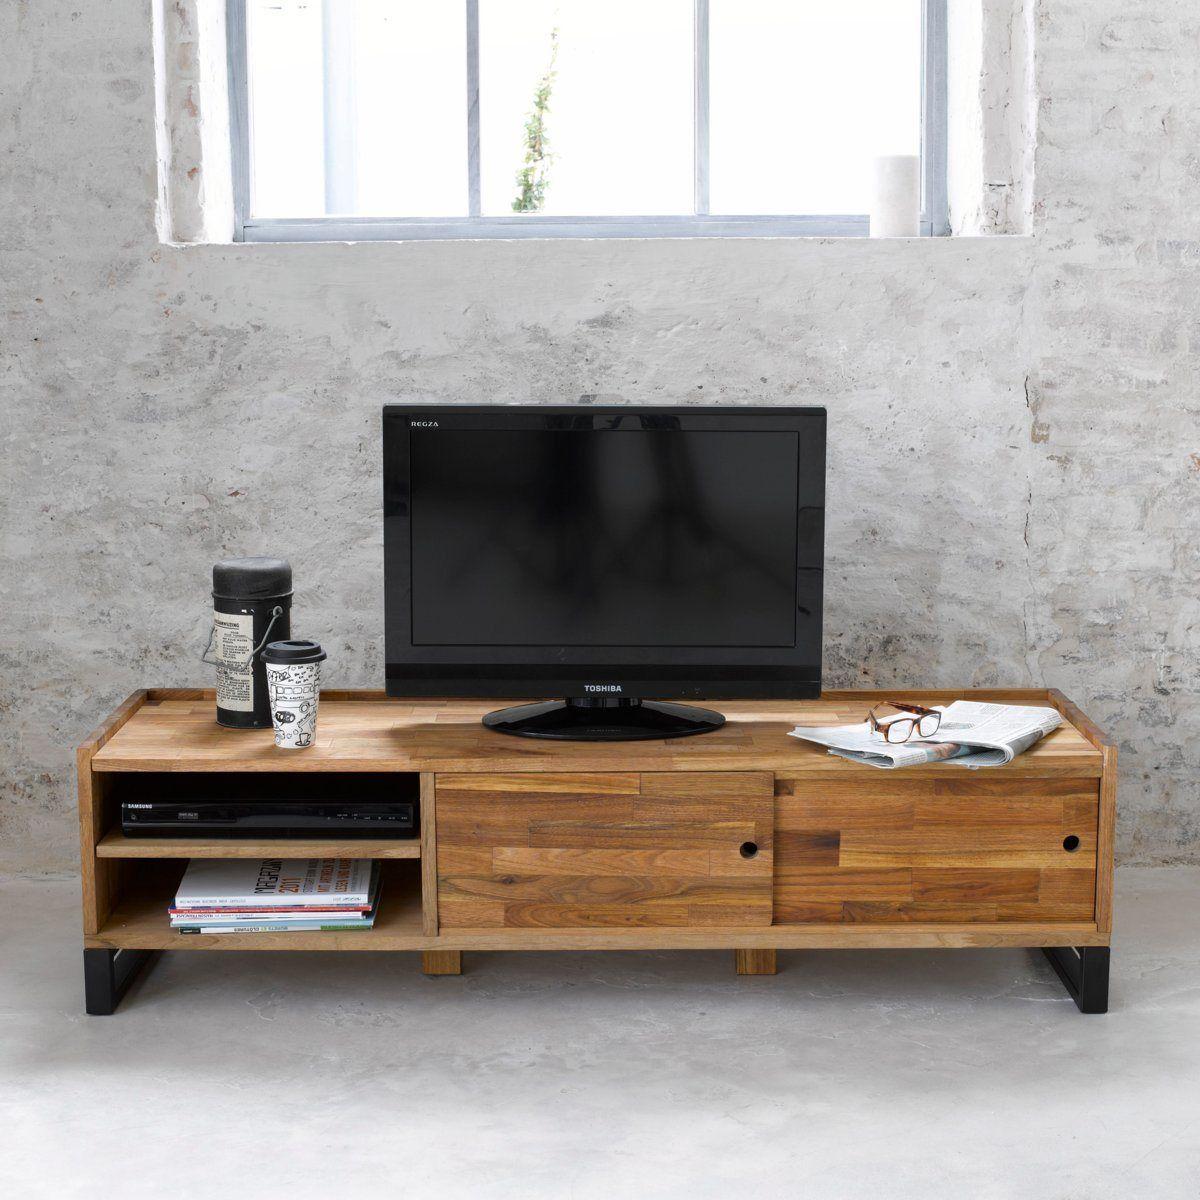 banc tv hiba noyer massif about et acier meubles et d co la redoute pinterest living room. Black Bedroom Furniture Sets. Home Design Ideas